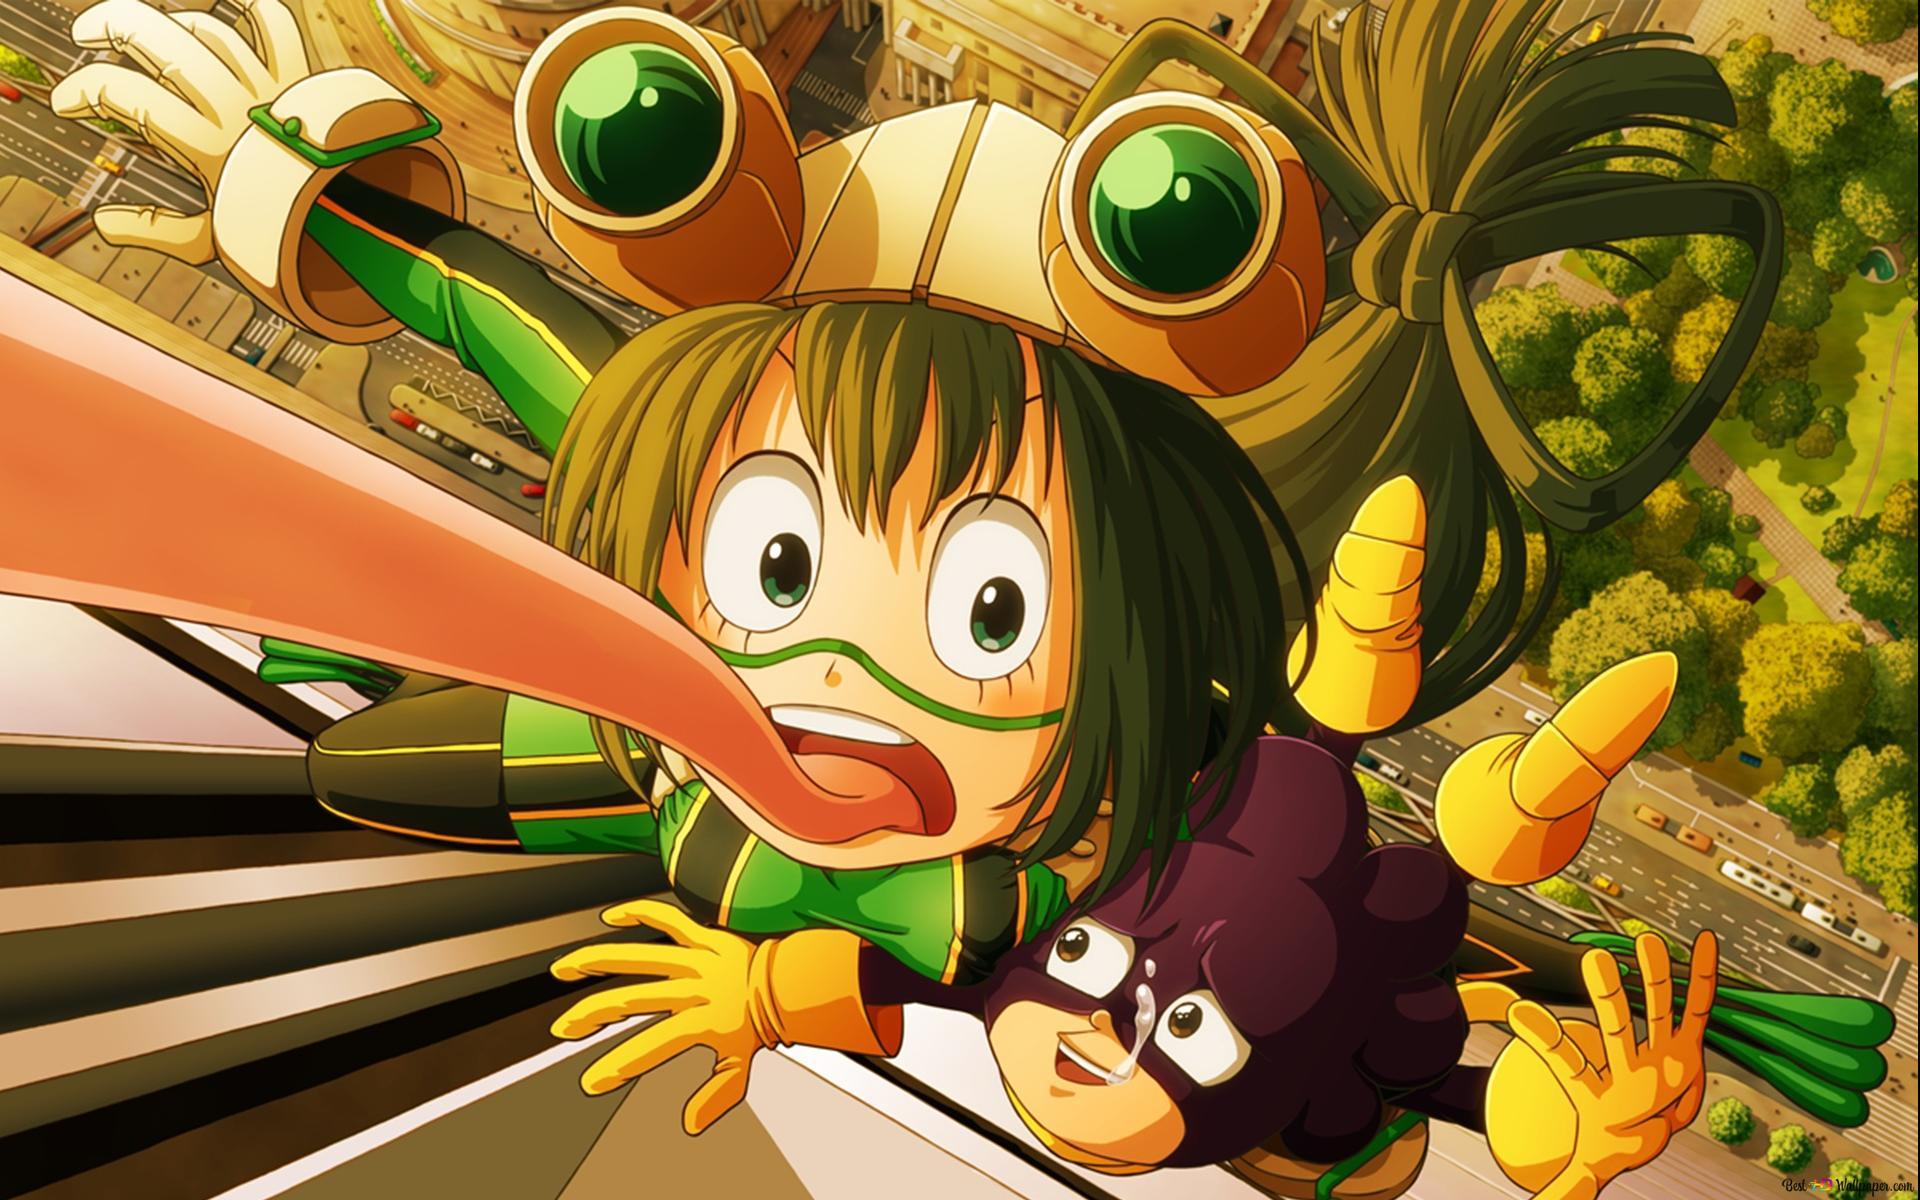 Tsuyu Asui Minoru Mineta Hd Wallpaper Download